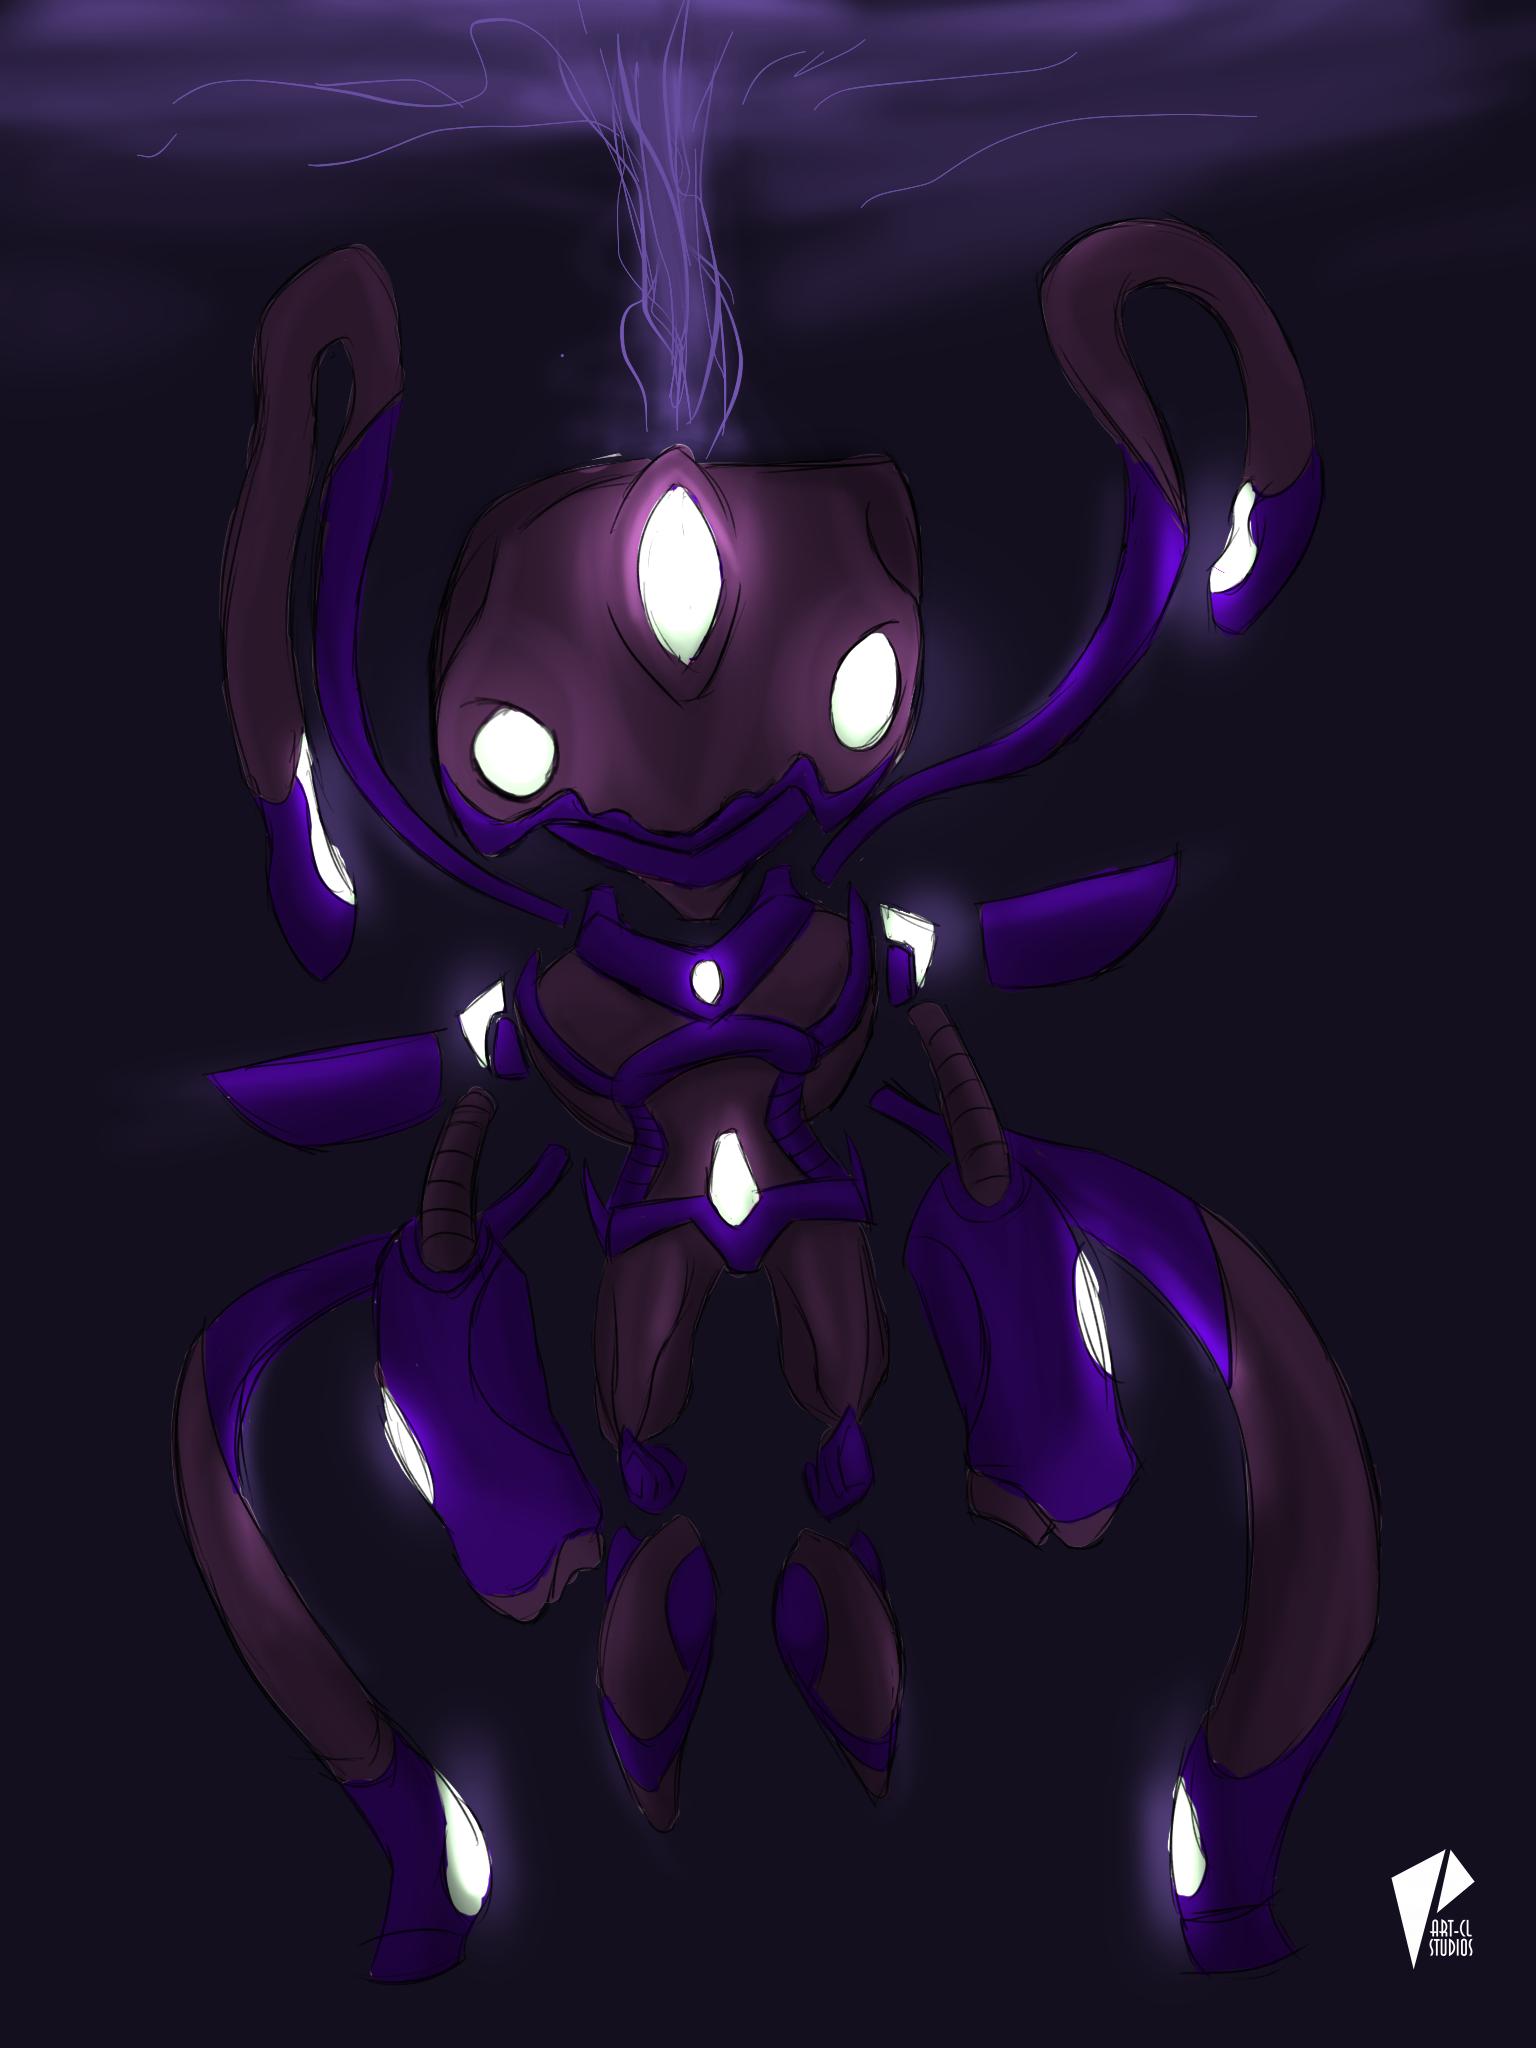 Octolien